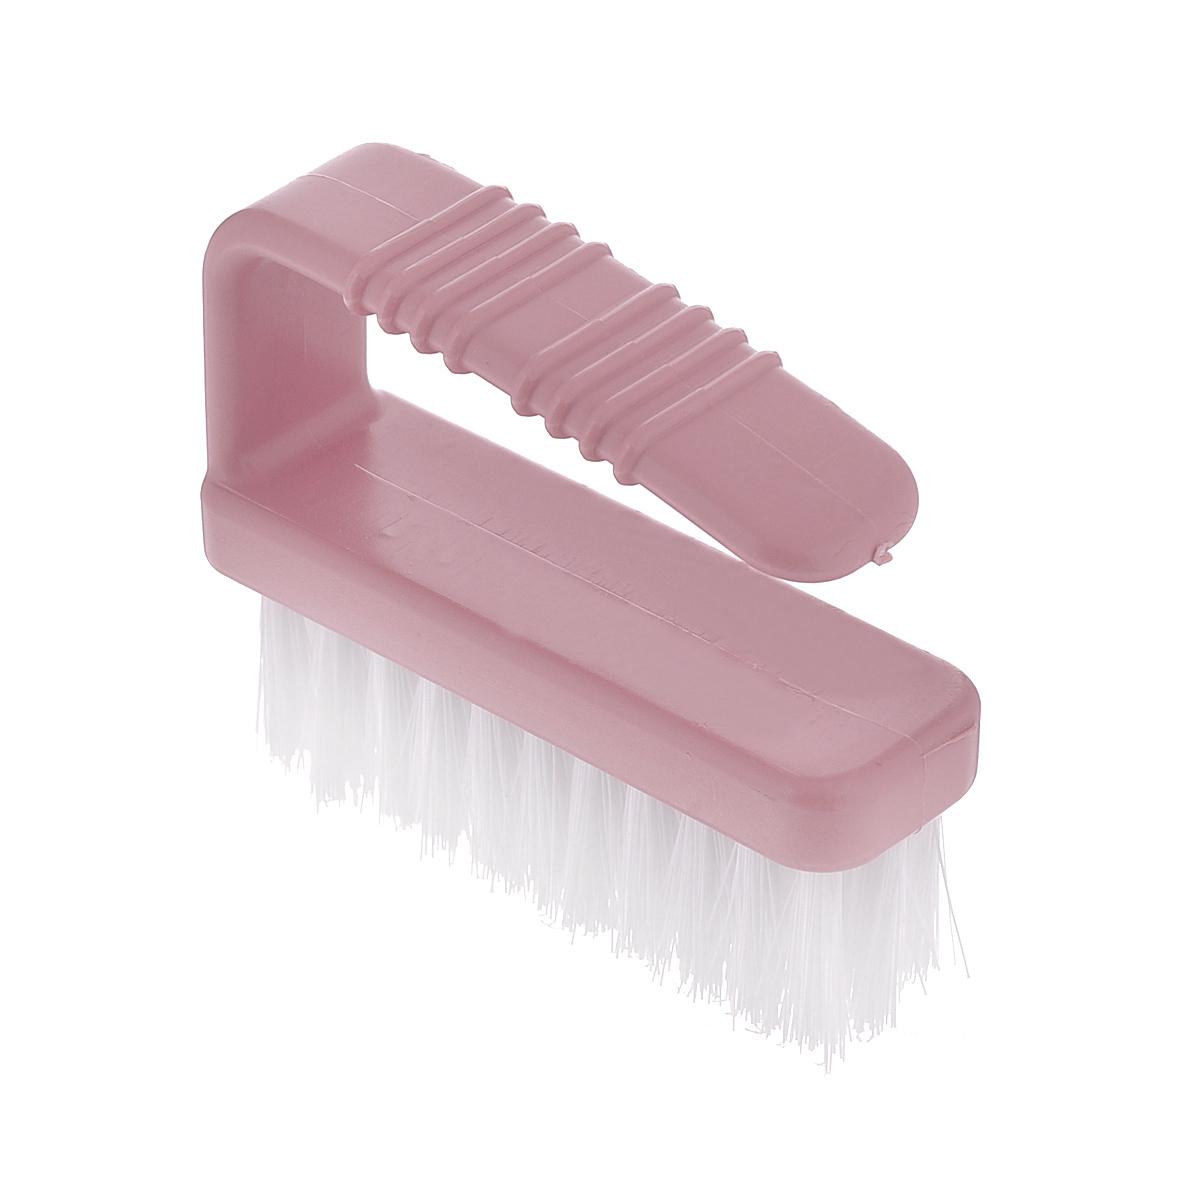 Щетка для рук Альтернатива, цвет: розовый щетки для одежды дерево счастья щетка для одежды